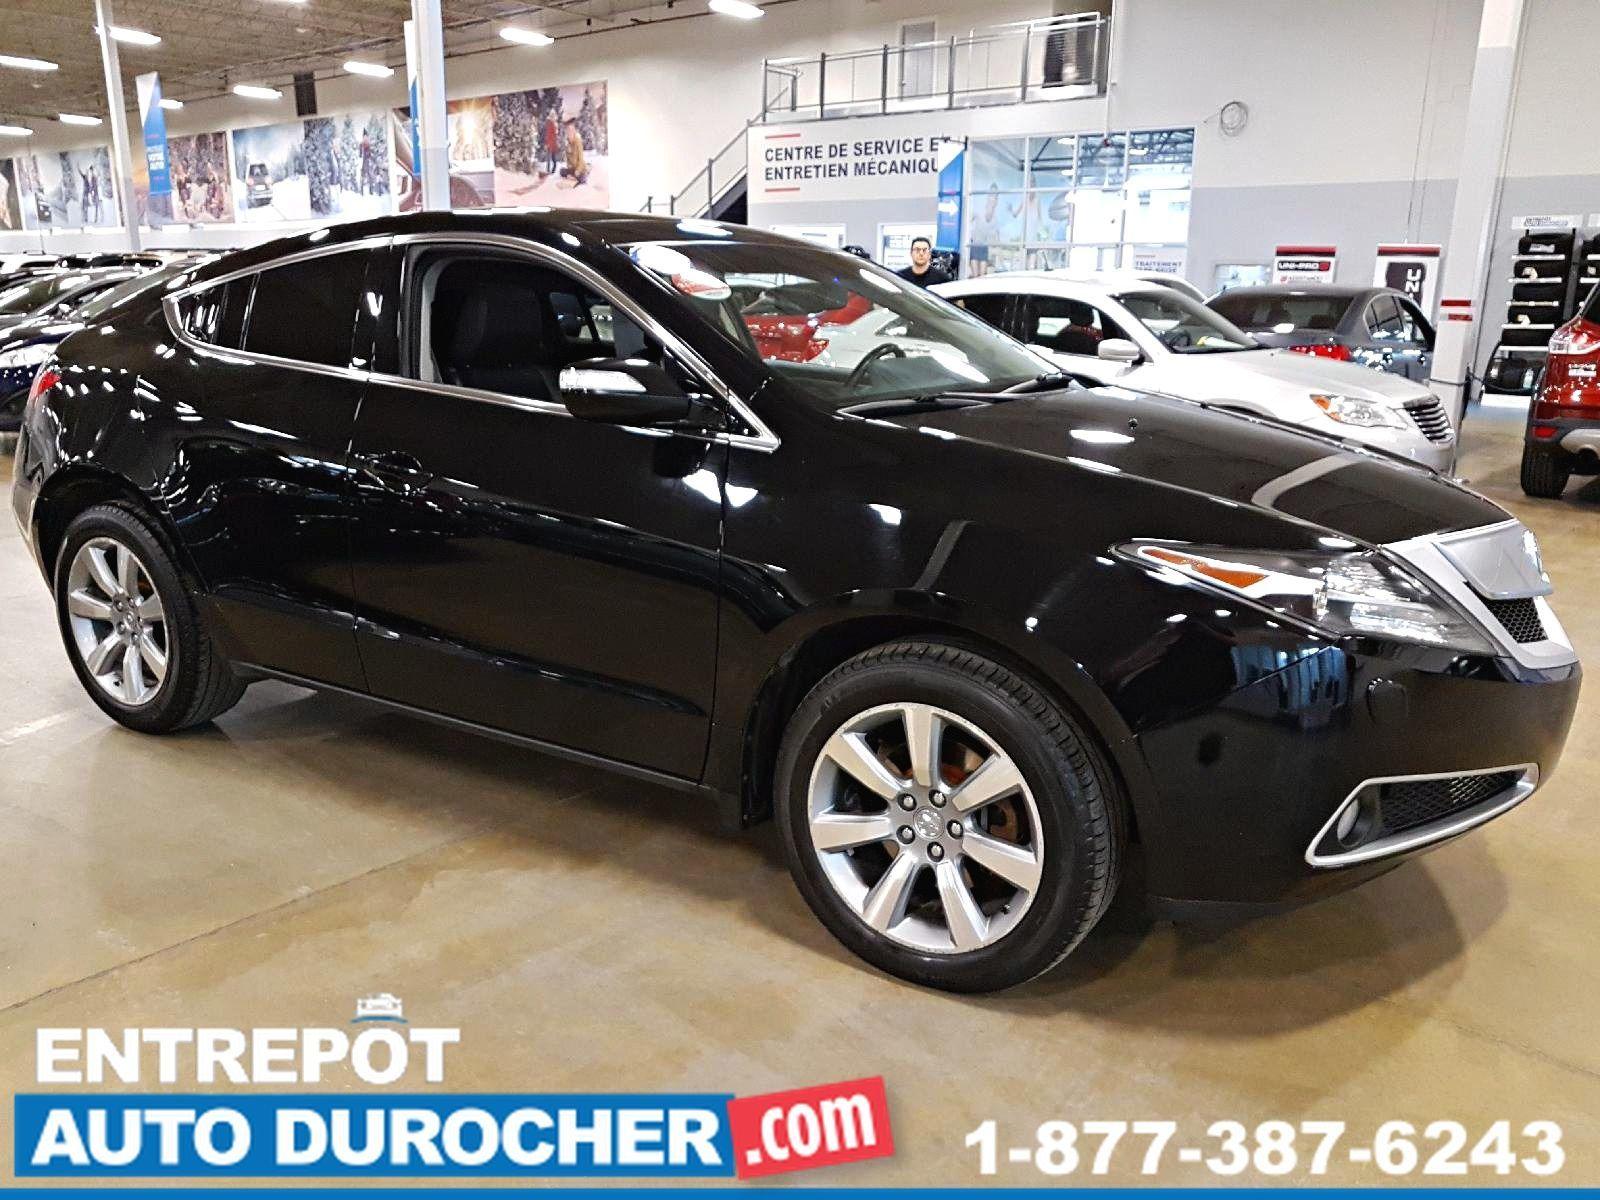 Acura ZDX TÉLÉVISION GRATUITE Tech Pkg AWD  NAVIGATION, CUIR 2012 TV 39